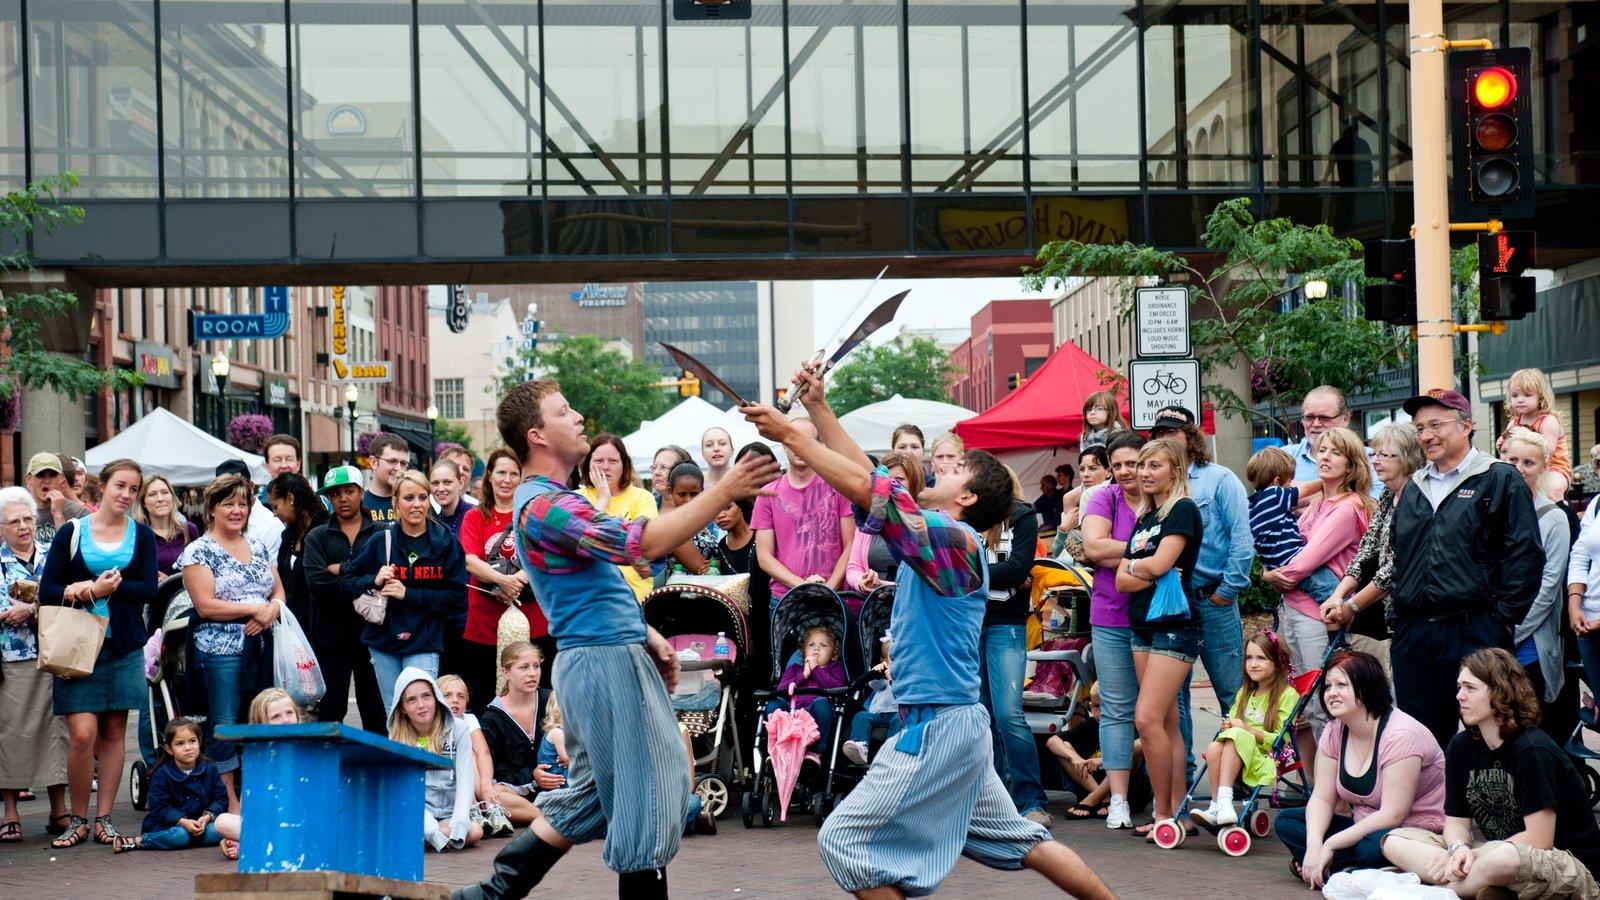 Fargo caracterizando uma cidade e performance de rua assim como um grande grupo de pessoas